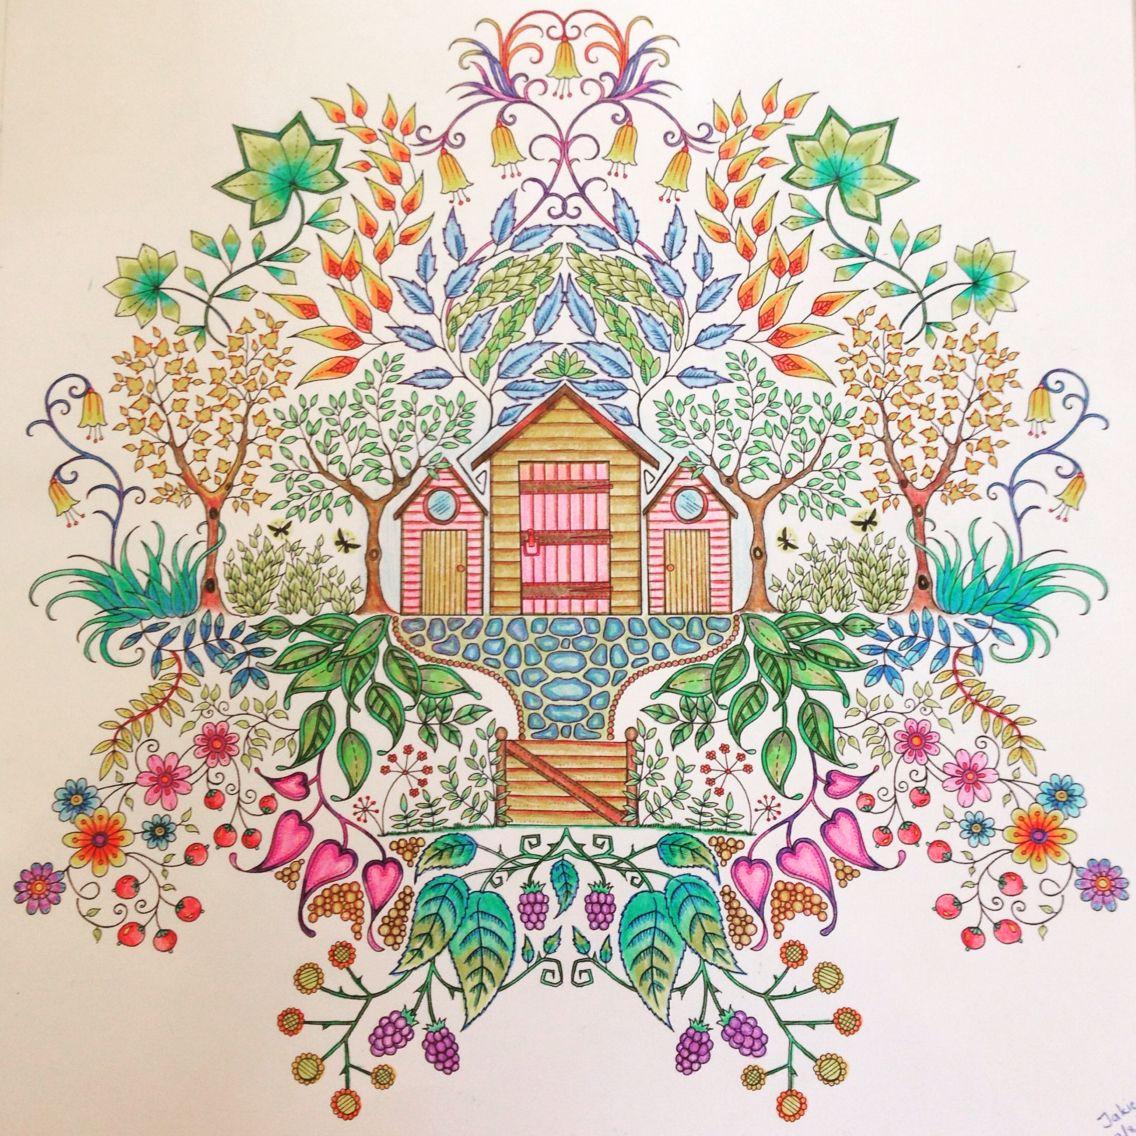 Secret Garden Colouring Book By Johanna Basford Art Hobby Secret Garden Coloring Book Coloring Books Secret Garden Colouring